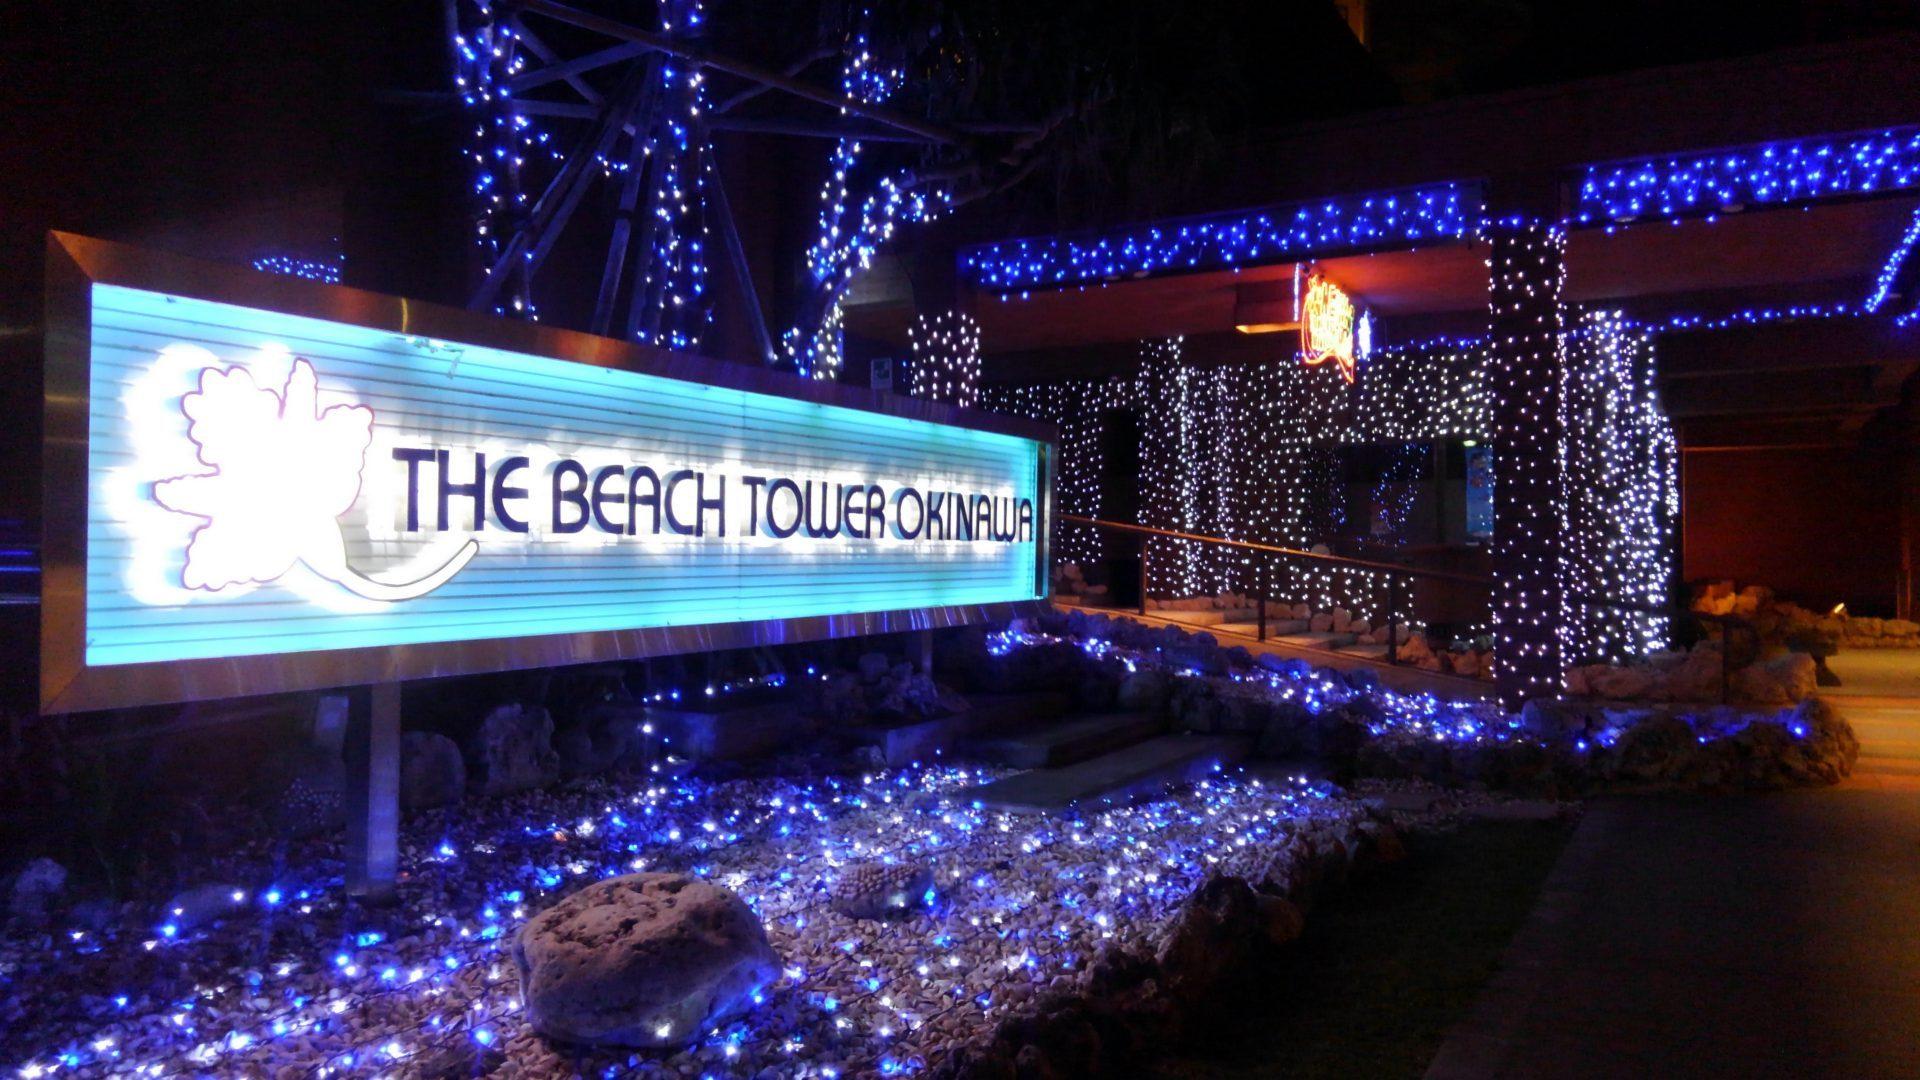 北谷町 ザ・ビーチタワー沖縄 沖縄 12月 観光 旅行 おすすめ 楽しみ方